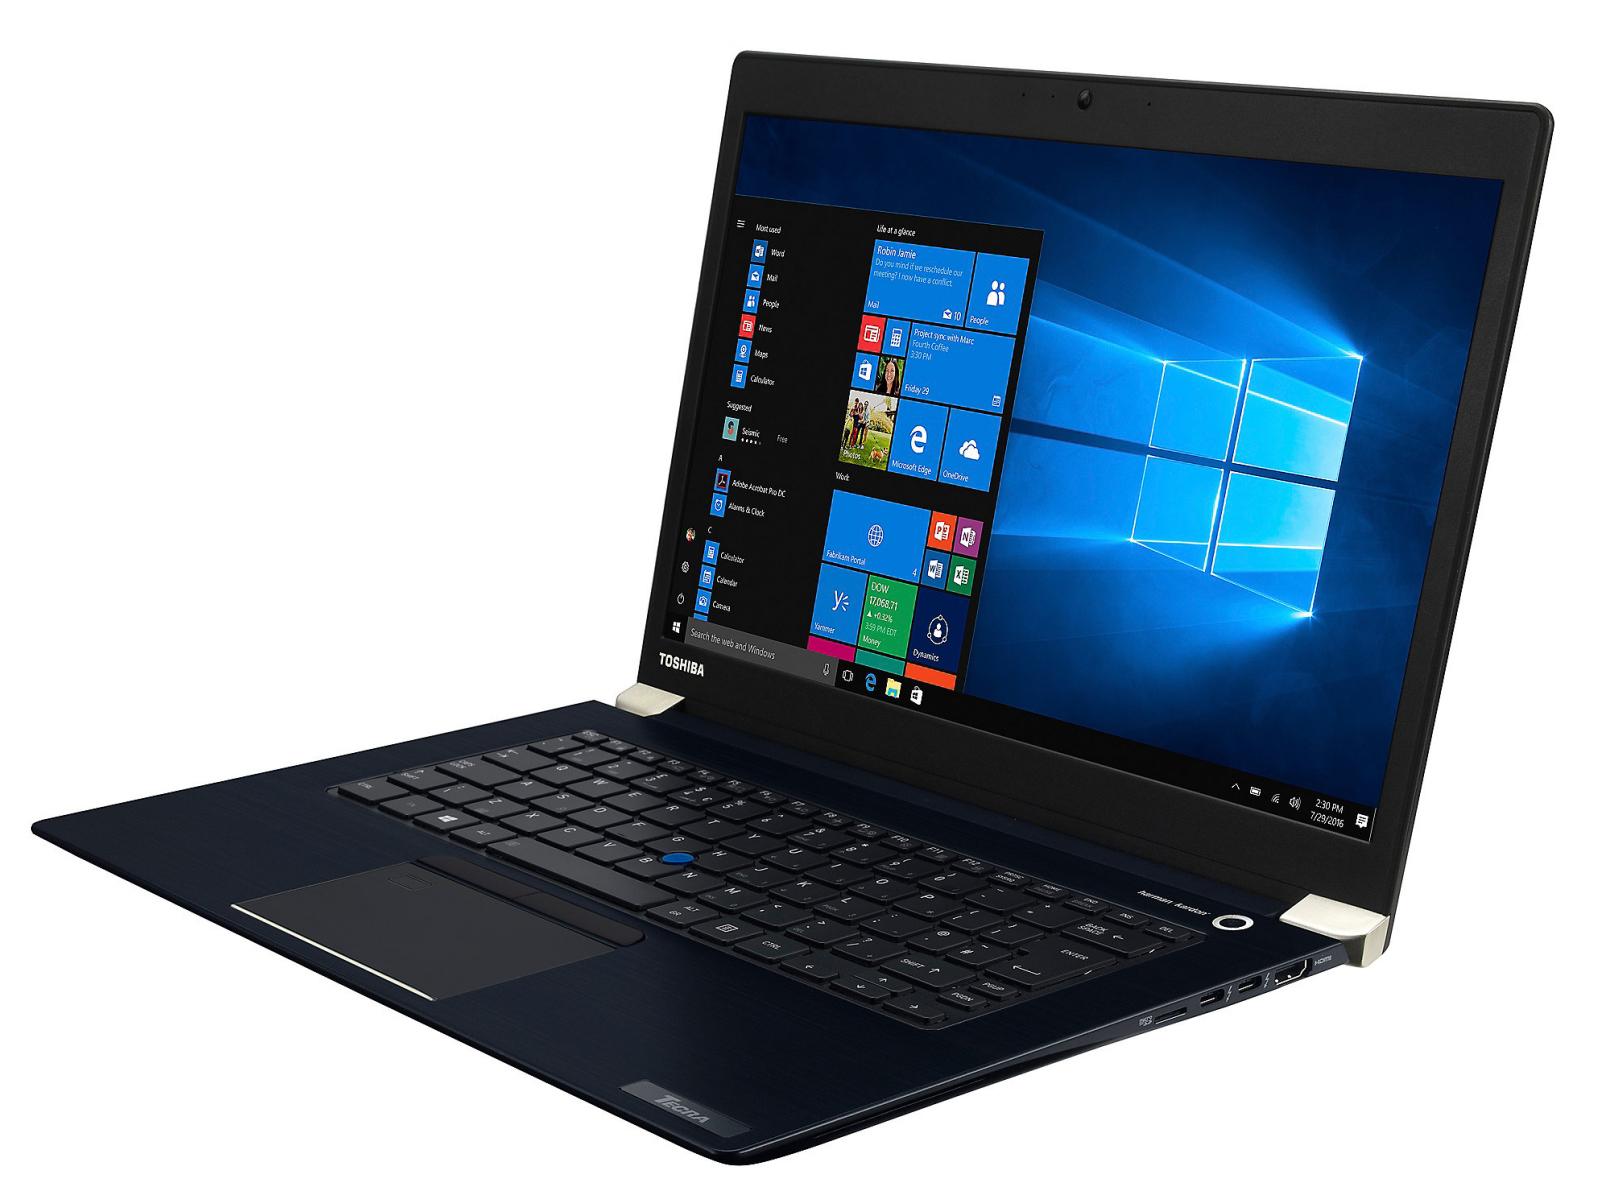 Toshiba Tecra X40-E (i5-8250U, SSD, LTE, FHD) Laptop Review